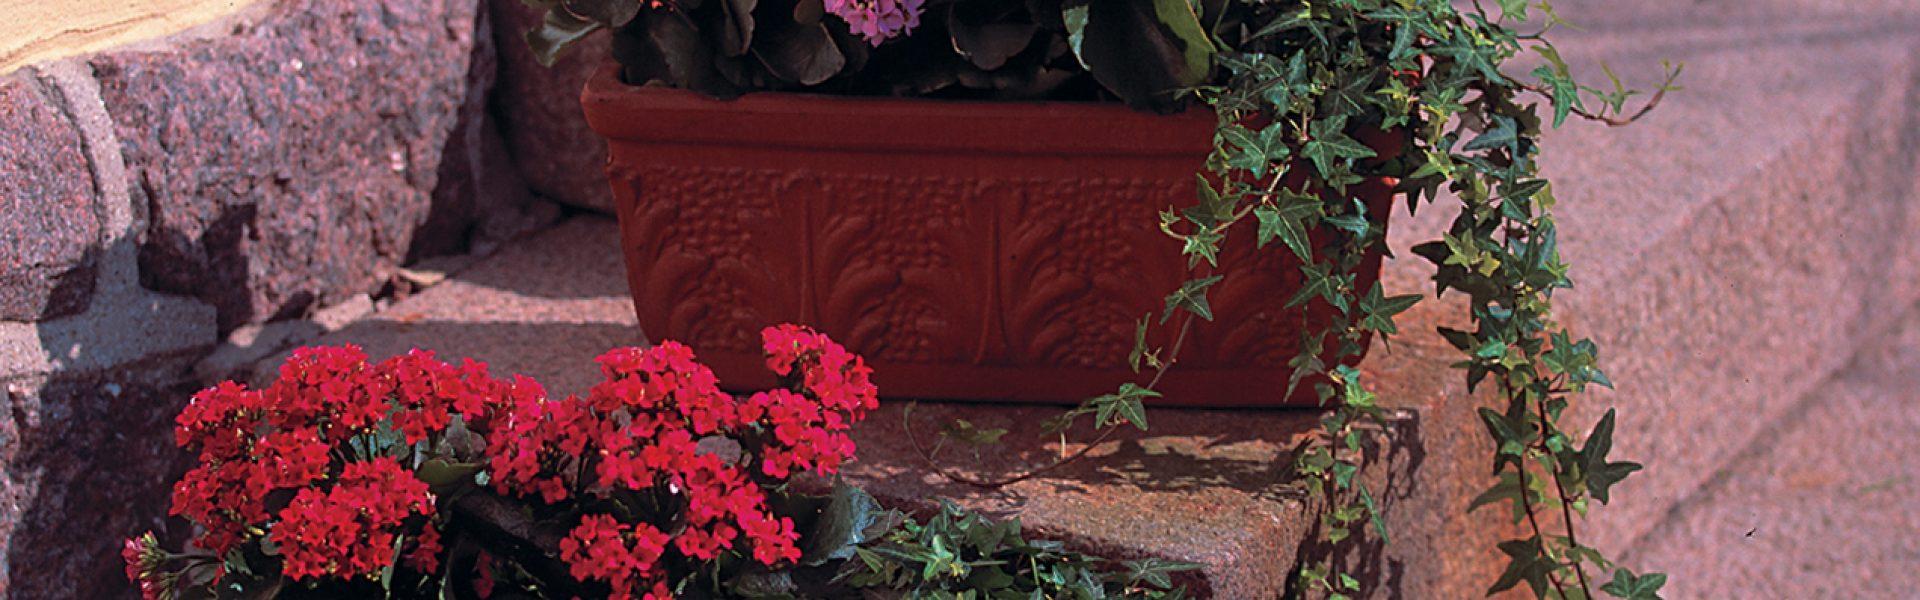 Ildtopp kan plantes ut som sommerblomst